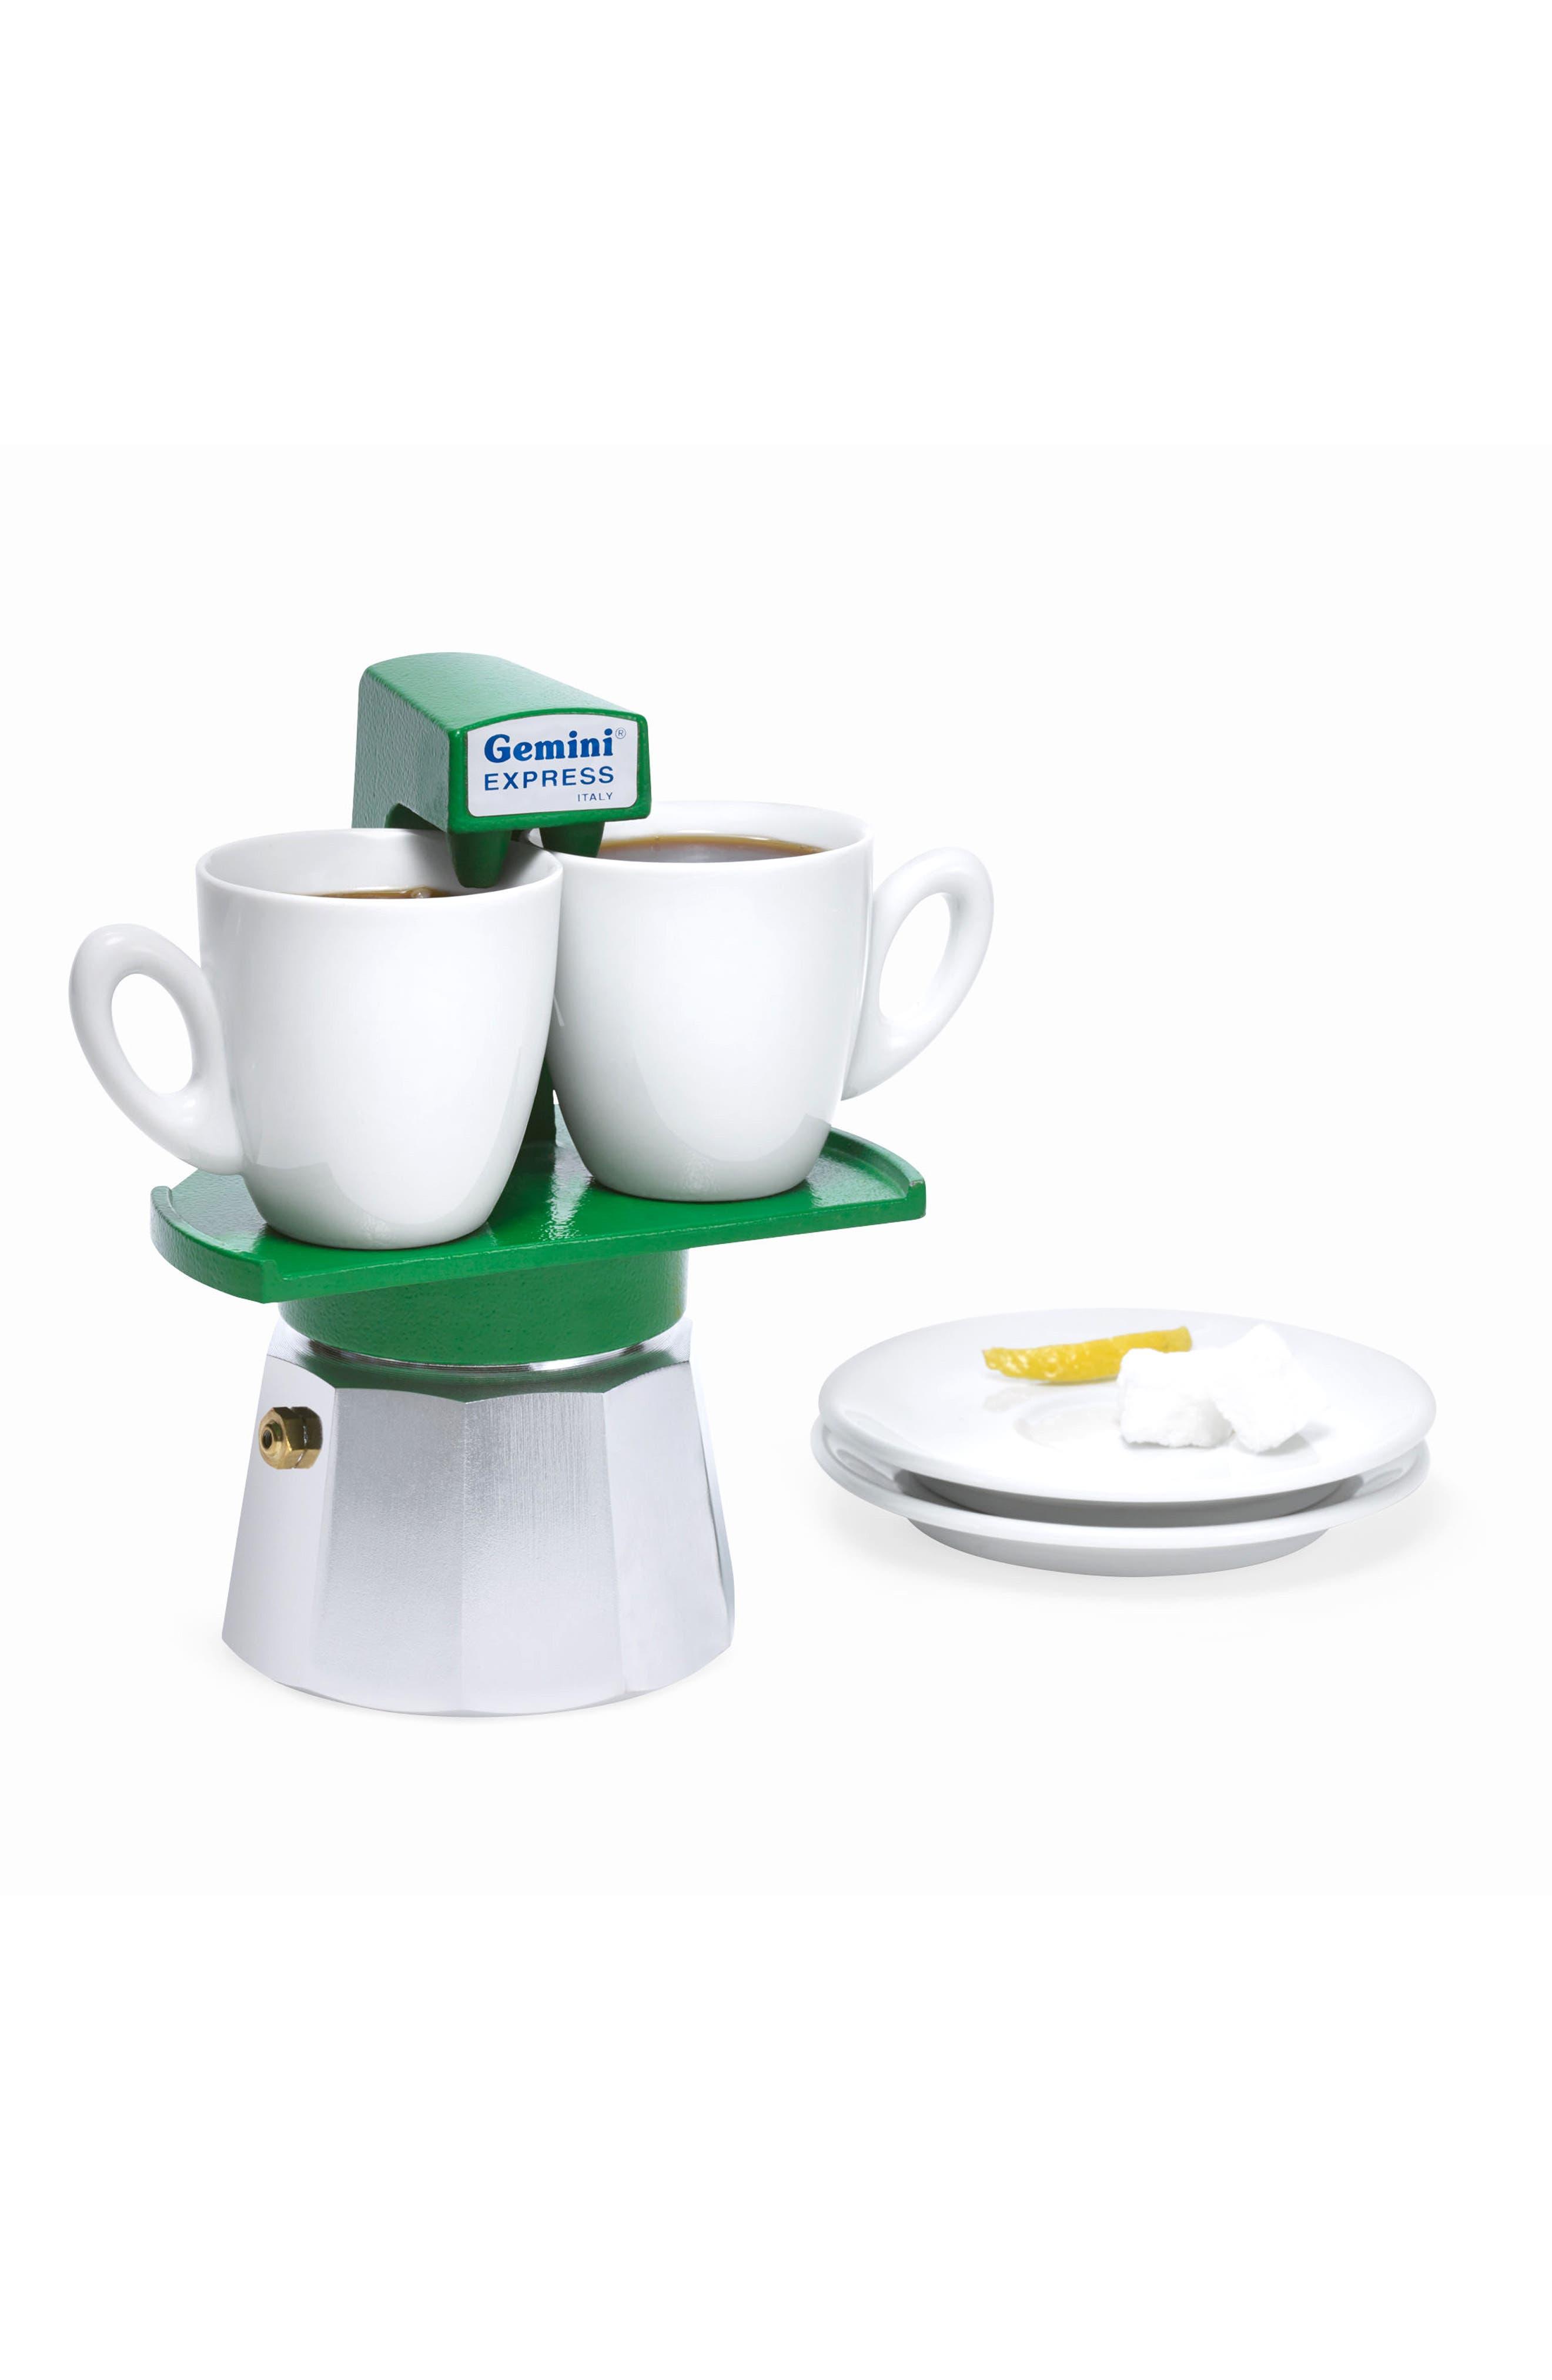 Main Image - MoMA Design Store Gemini Espresso Maker